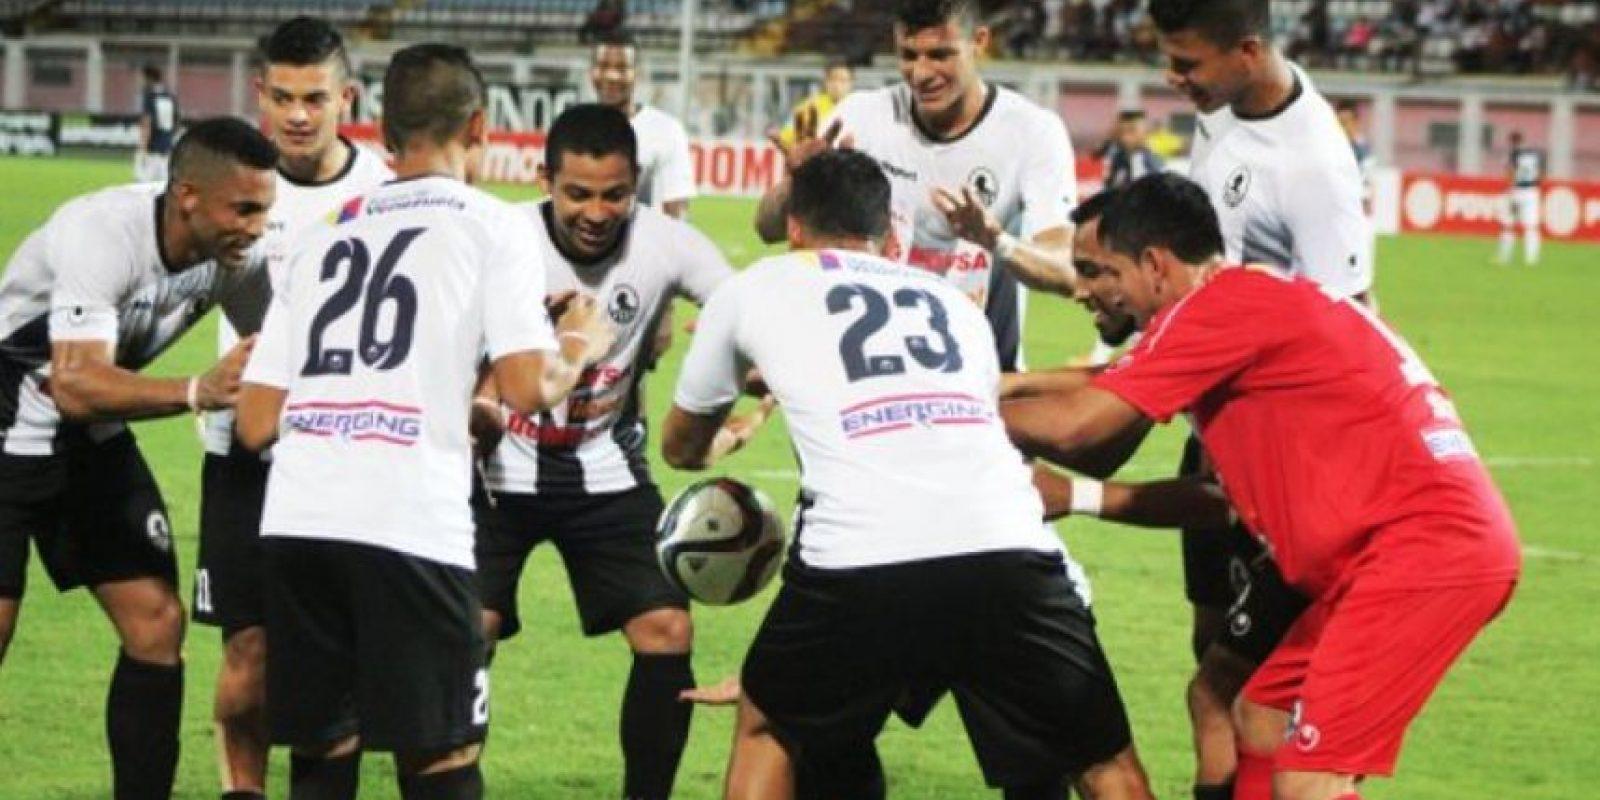 Suman 30 puntos, uno menos que Deportivo La Guaira. Foto:Vía twitter.com/zamoraFC